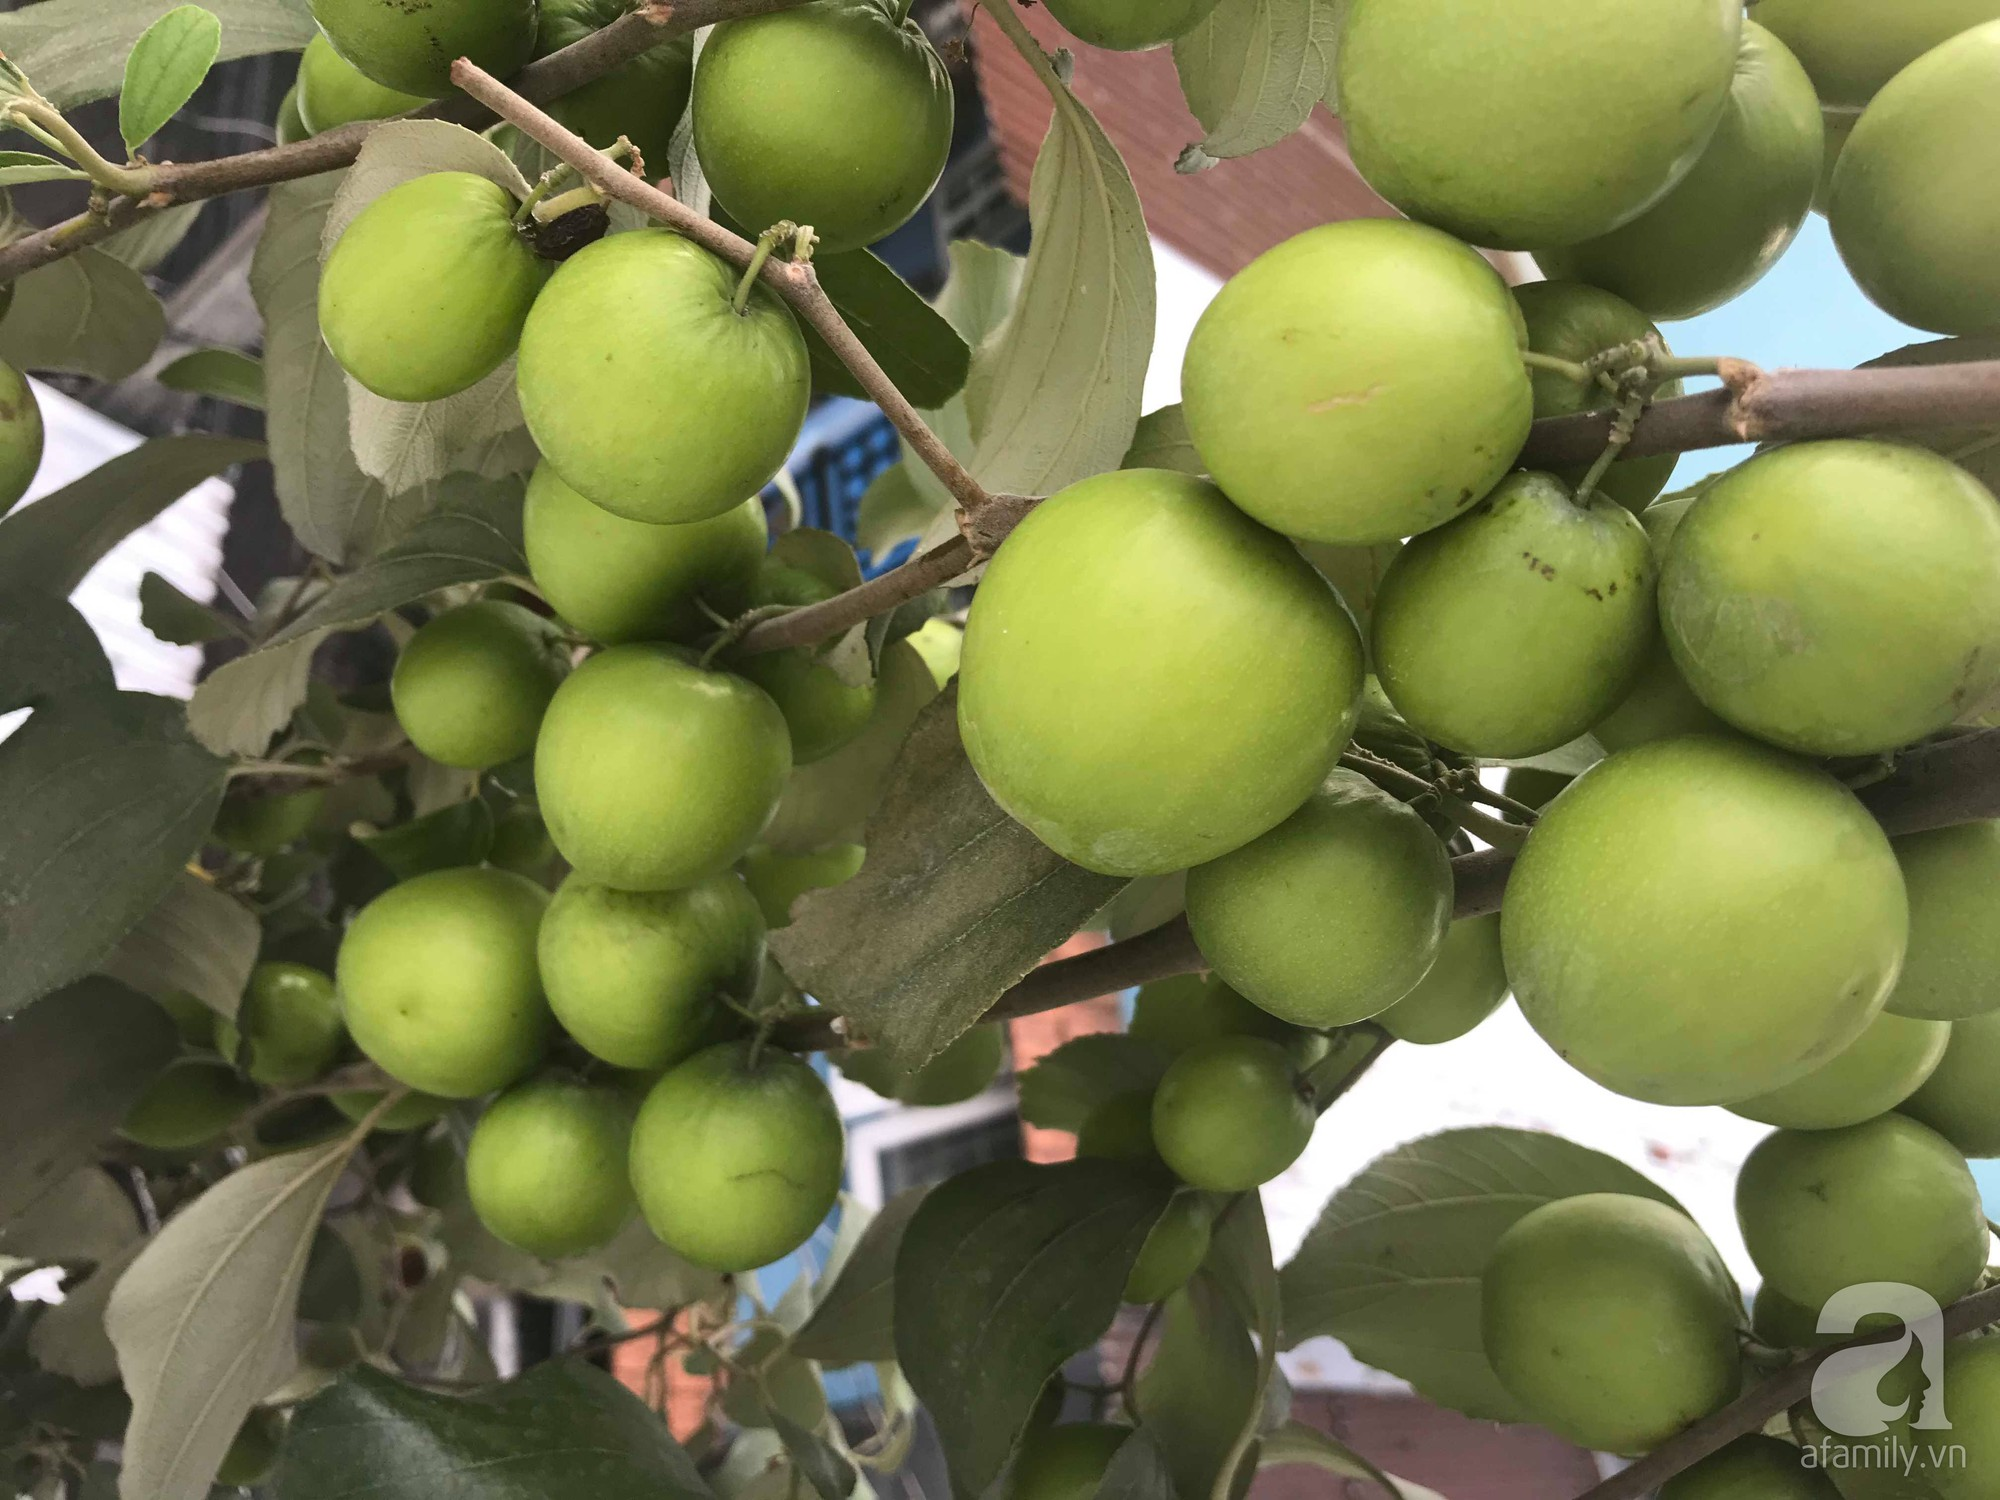 Kinh nghiệm trồng táo trên sân thượng thu hoạch không xuể của người đàn ông đảm đang ở Sài Gòn - Hình 2